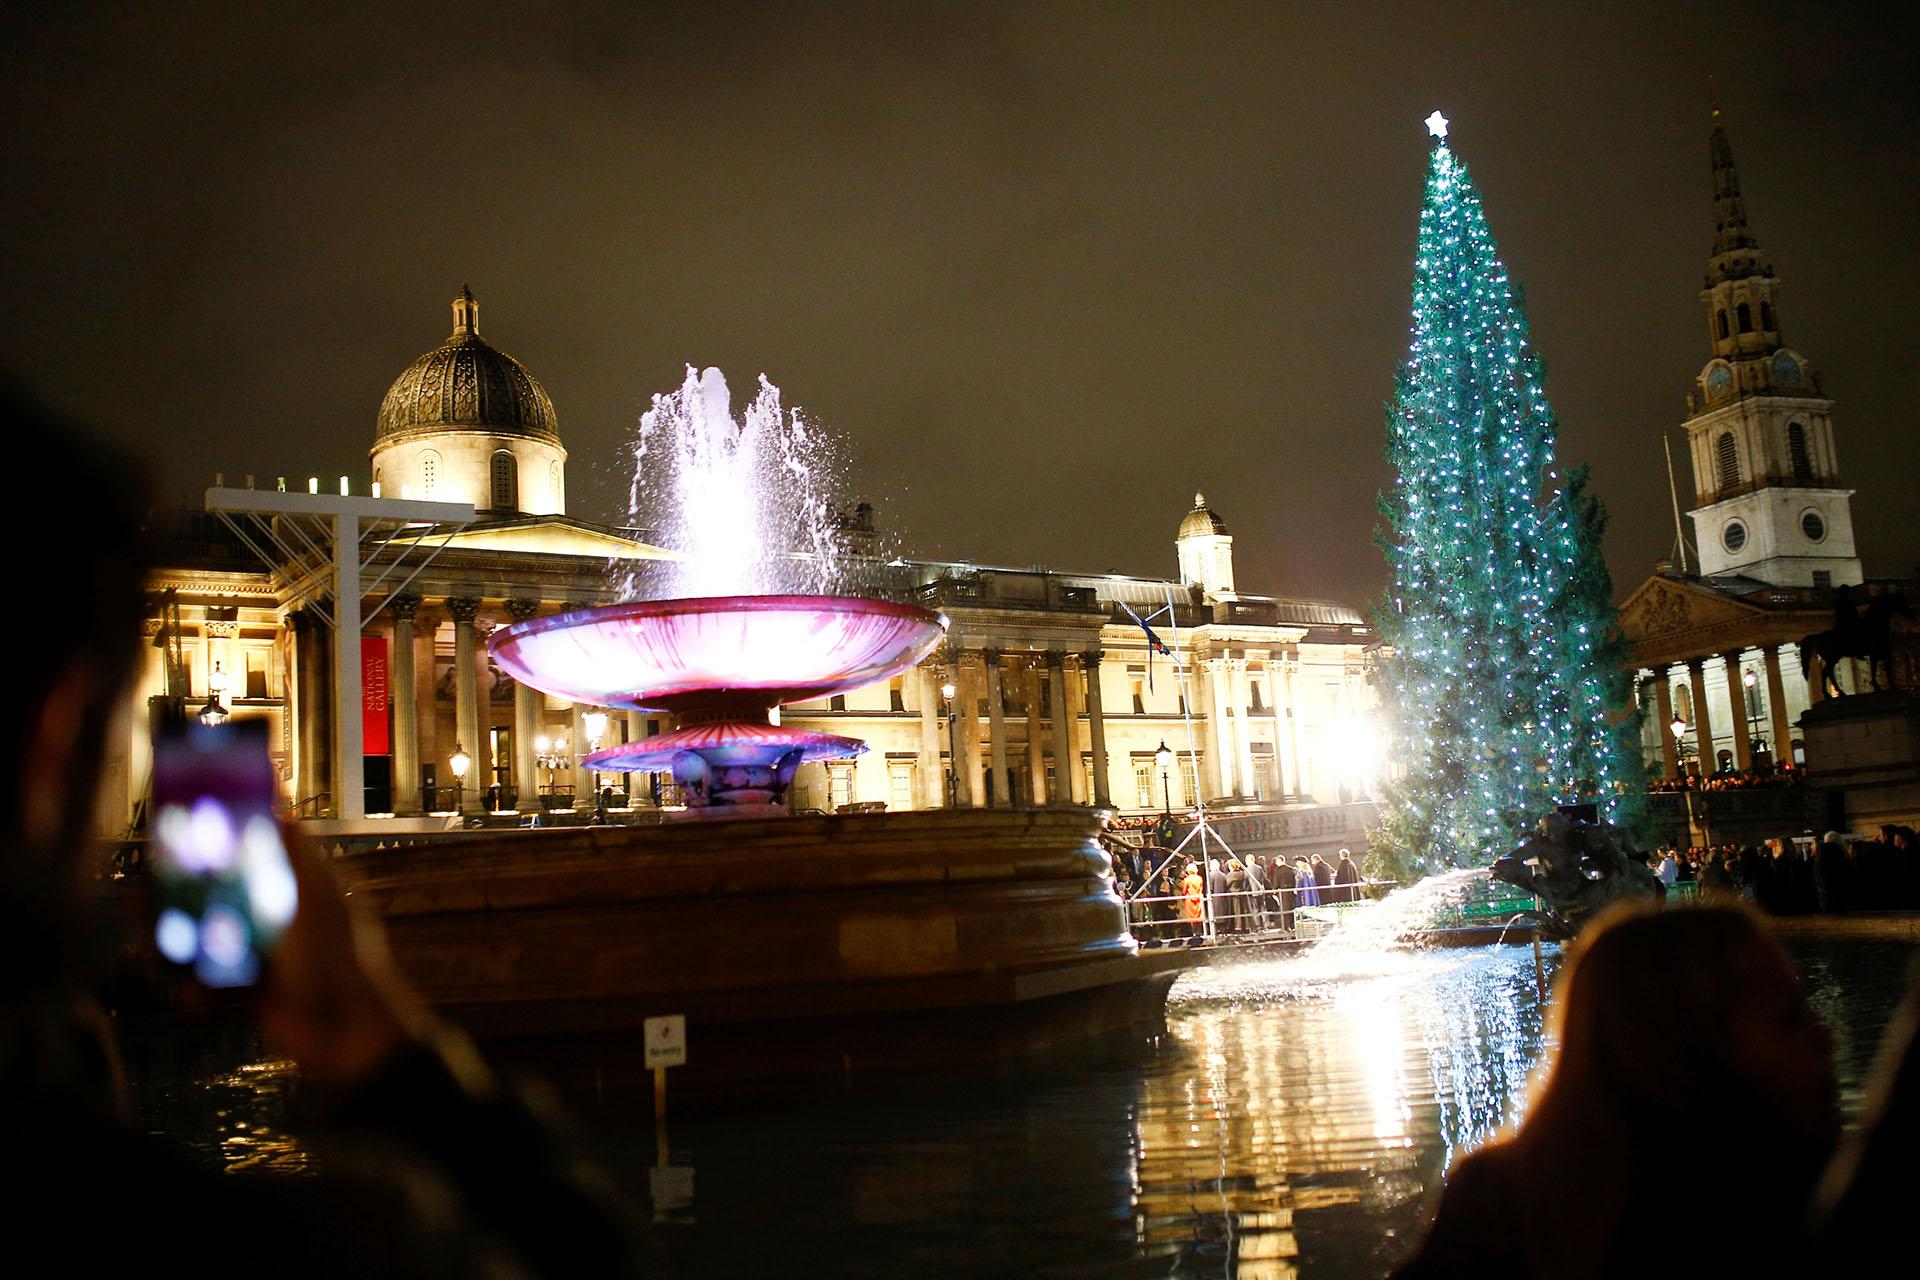 LONDRES, UK. En Trafalgar Square en Londres el árbol de Navidad fue regalado por Noruega. Para su encendida de la primer noche participó la alcaldesa Marianne Borgen y el alcalde de Westminster, Lindsey Hall